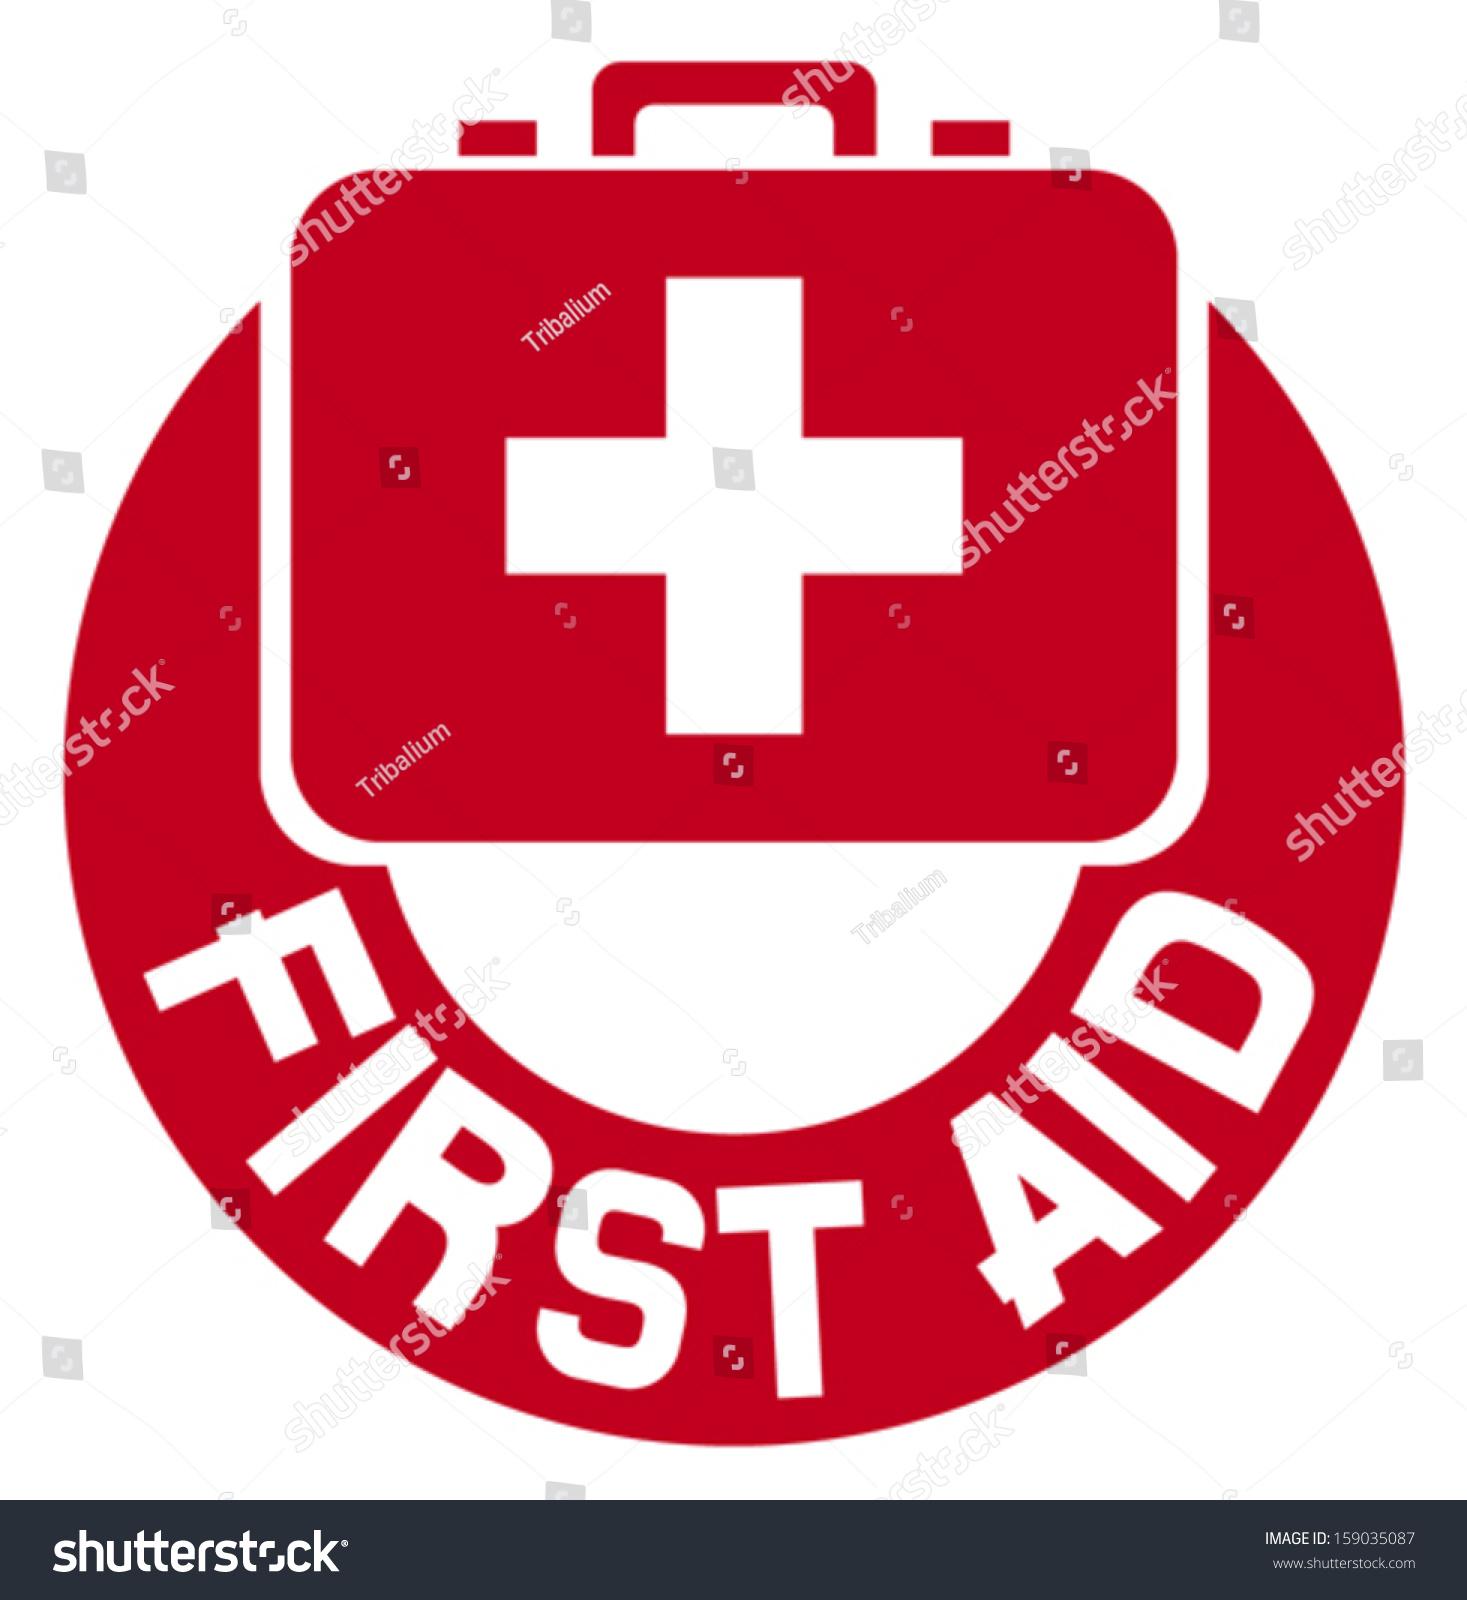 医学标志按钮(急救医学符号,帮助图标,药房十字图标